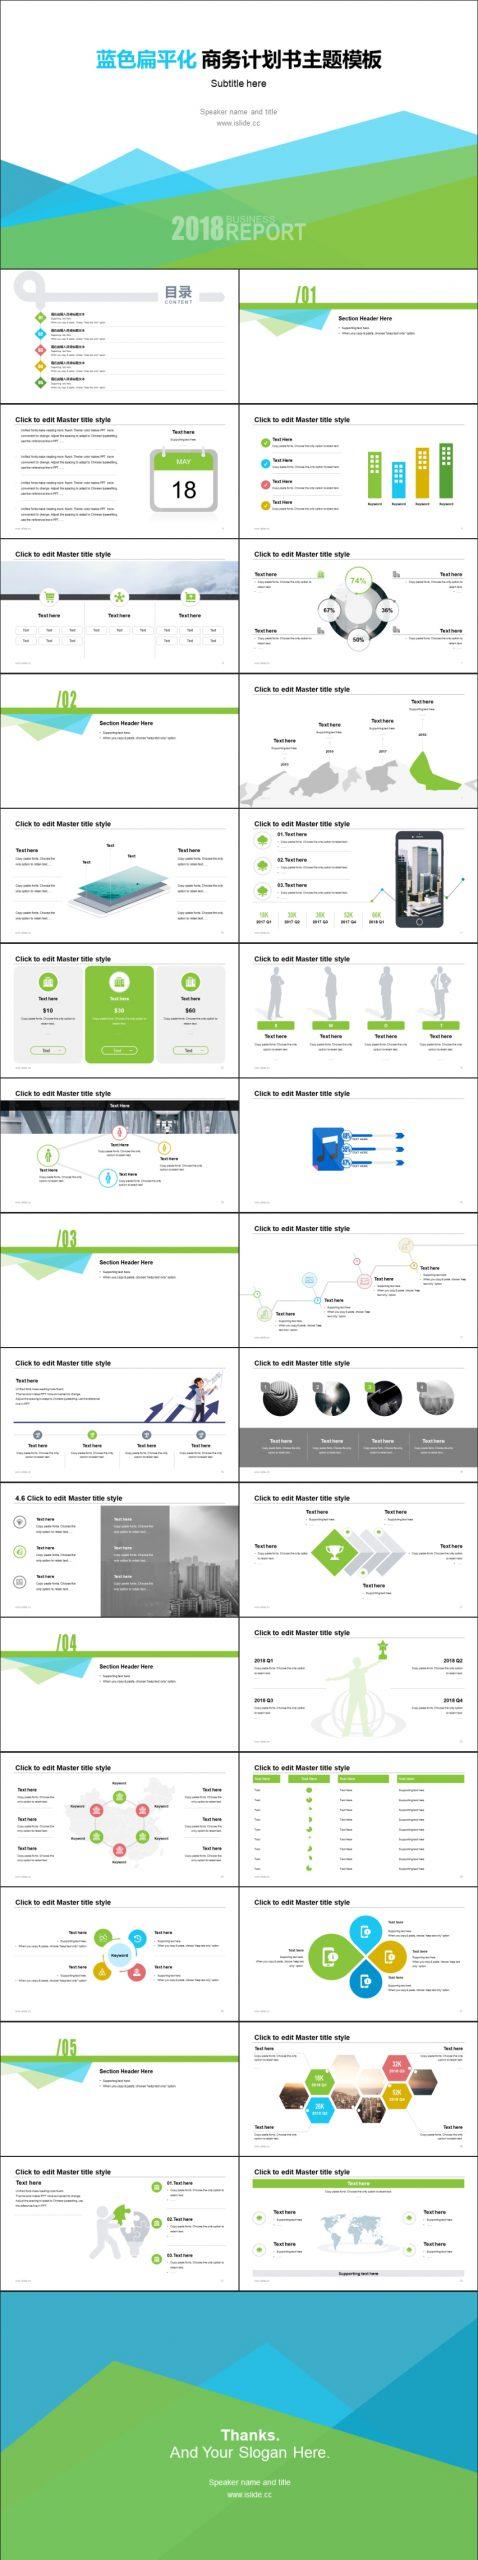 簡潔風藍色扁平化 商務計劃書主題模板_預覽圖2